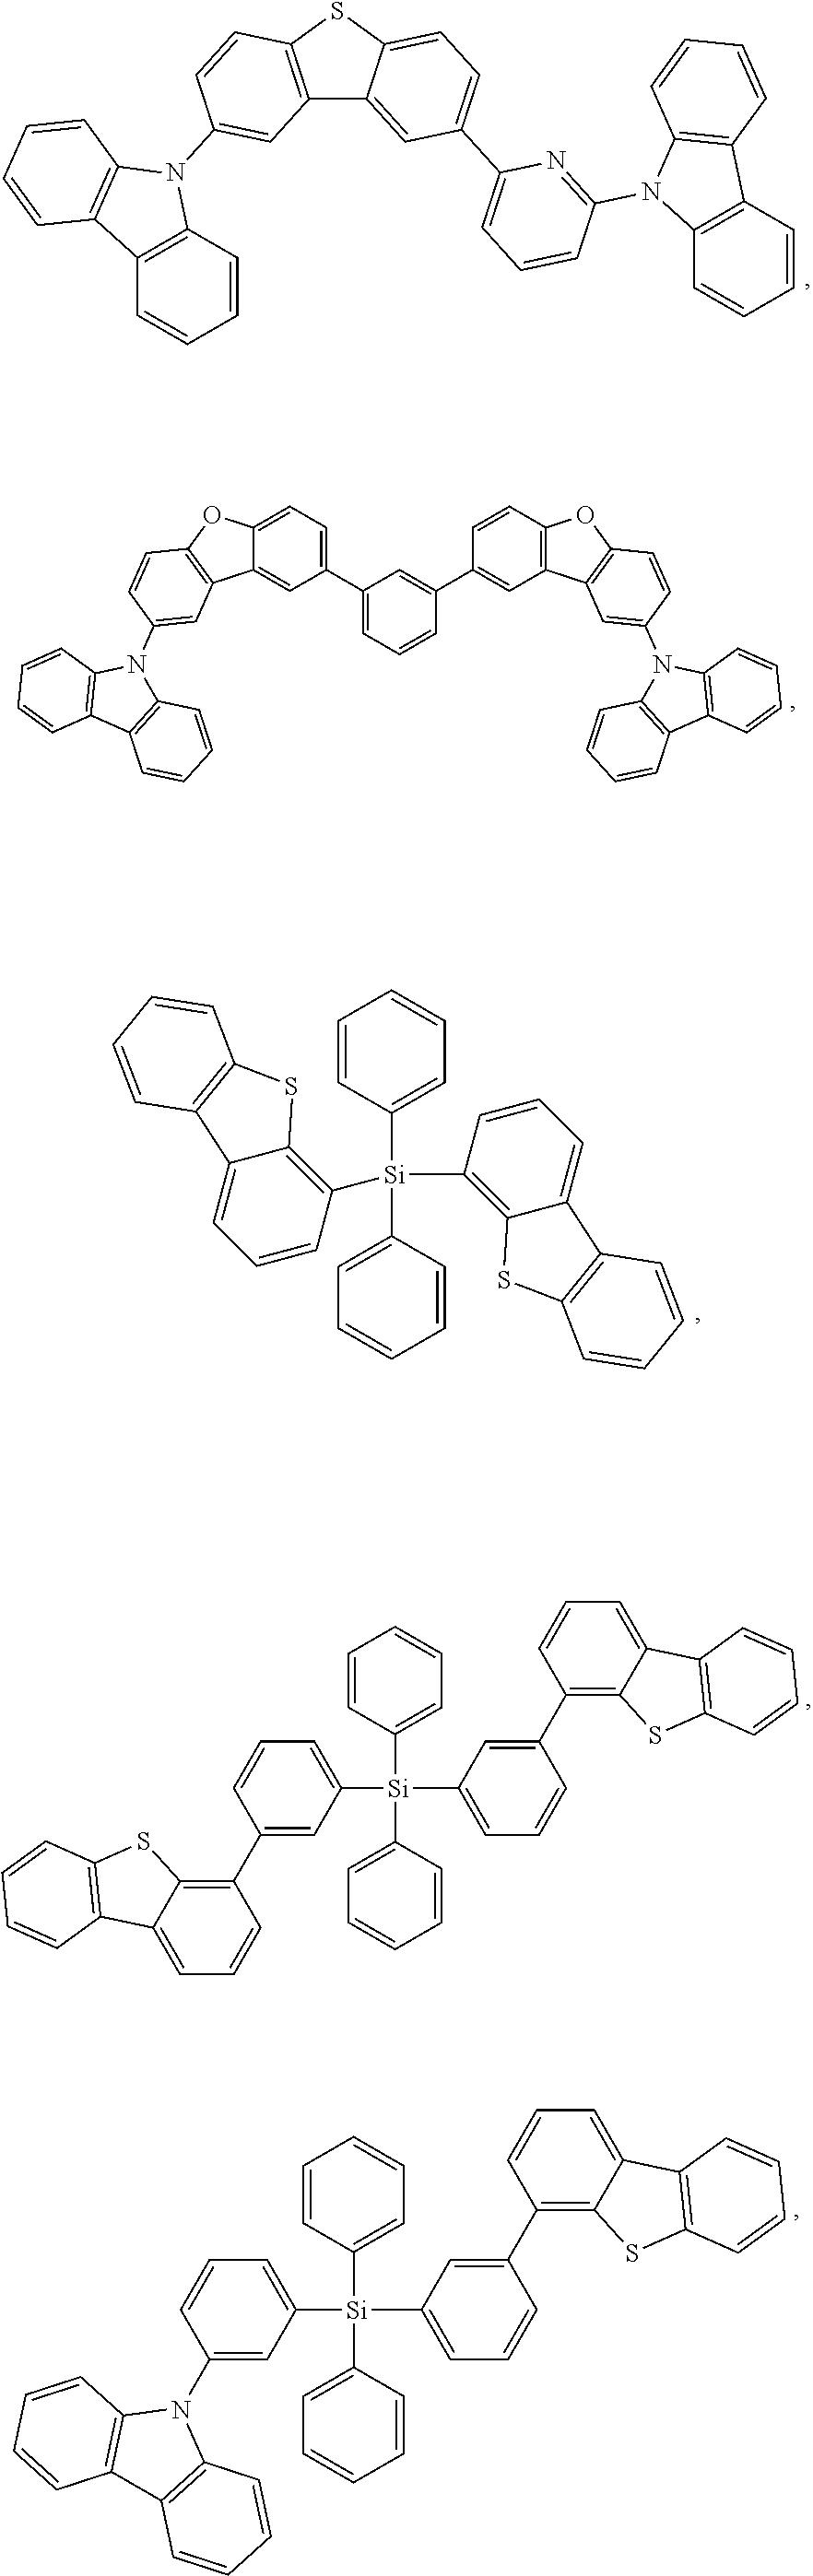 Figure US20190161504A1-20190530-C00049